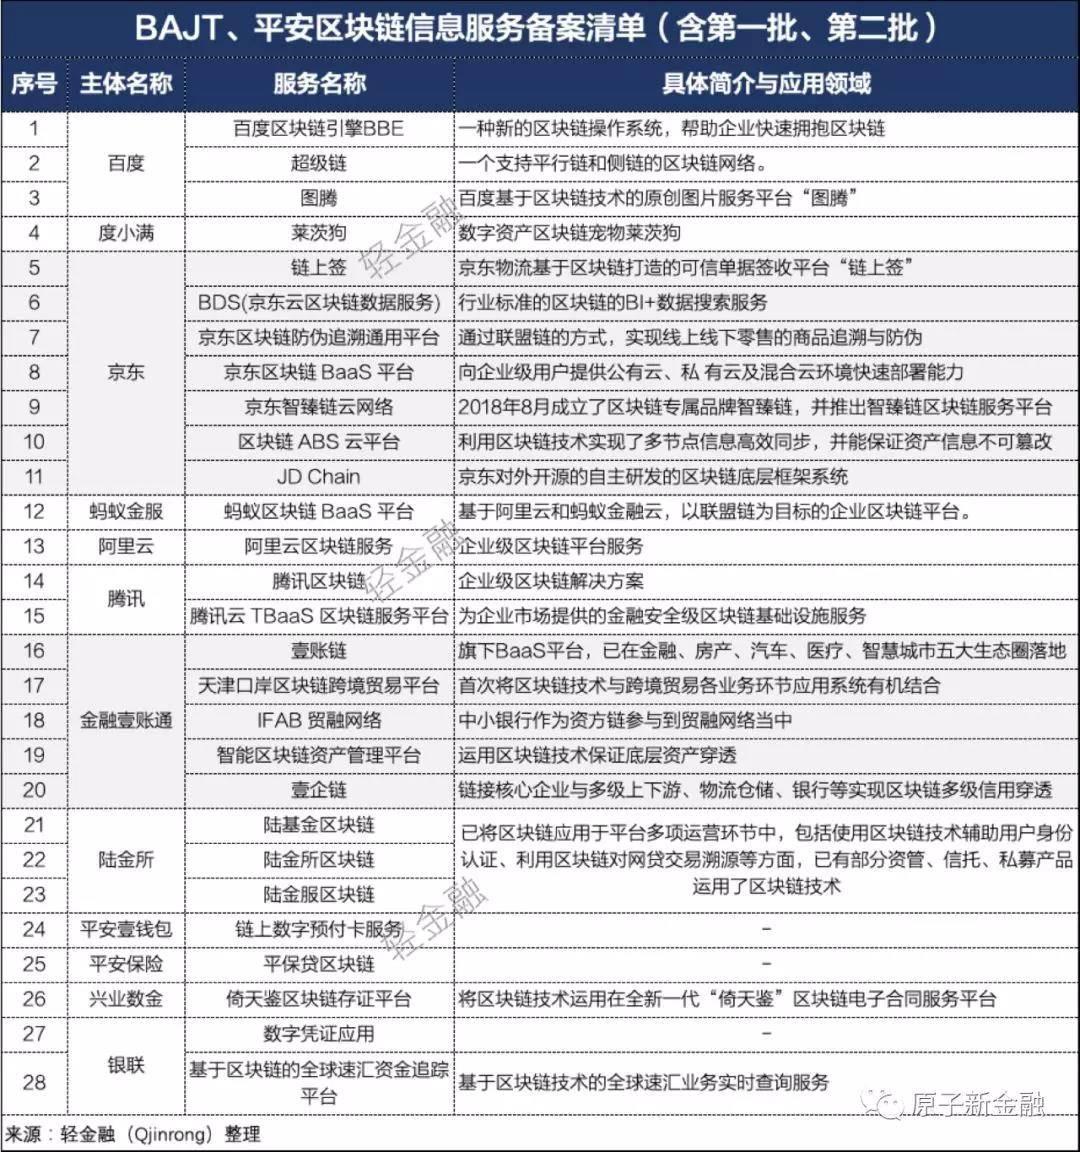 平安、阿里、腾讯、百度、京东区块链大比拼!平安集团、京东备案产品最多!